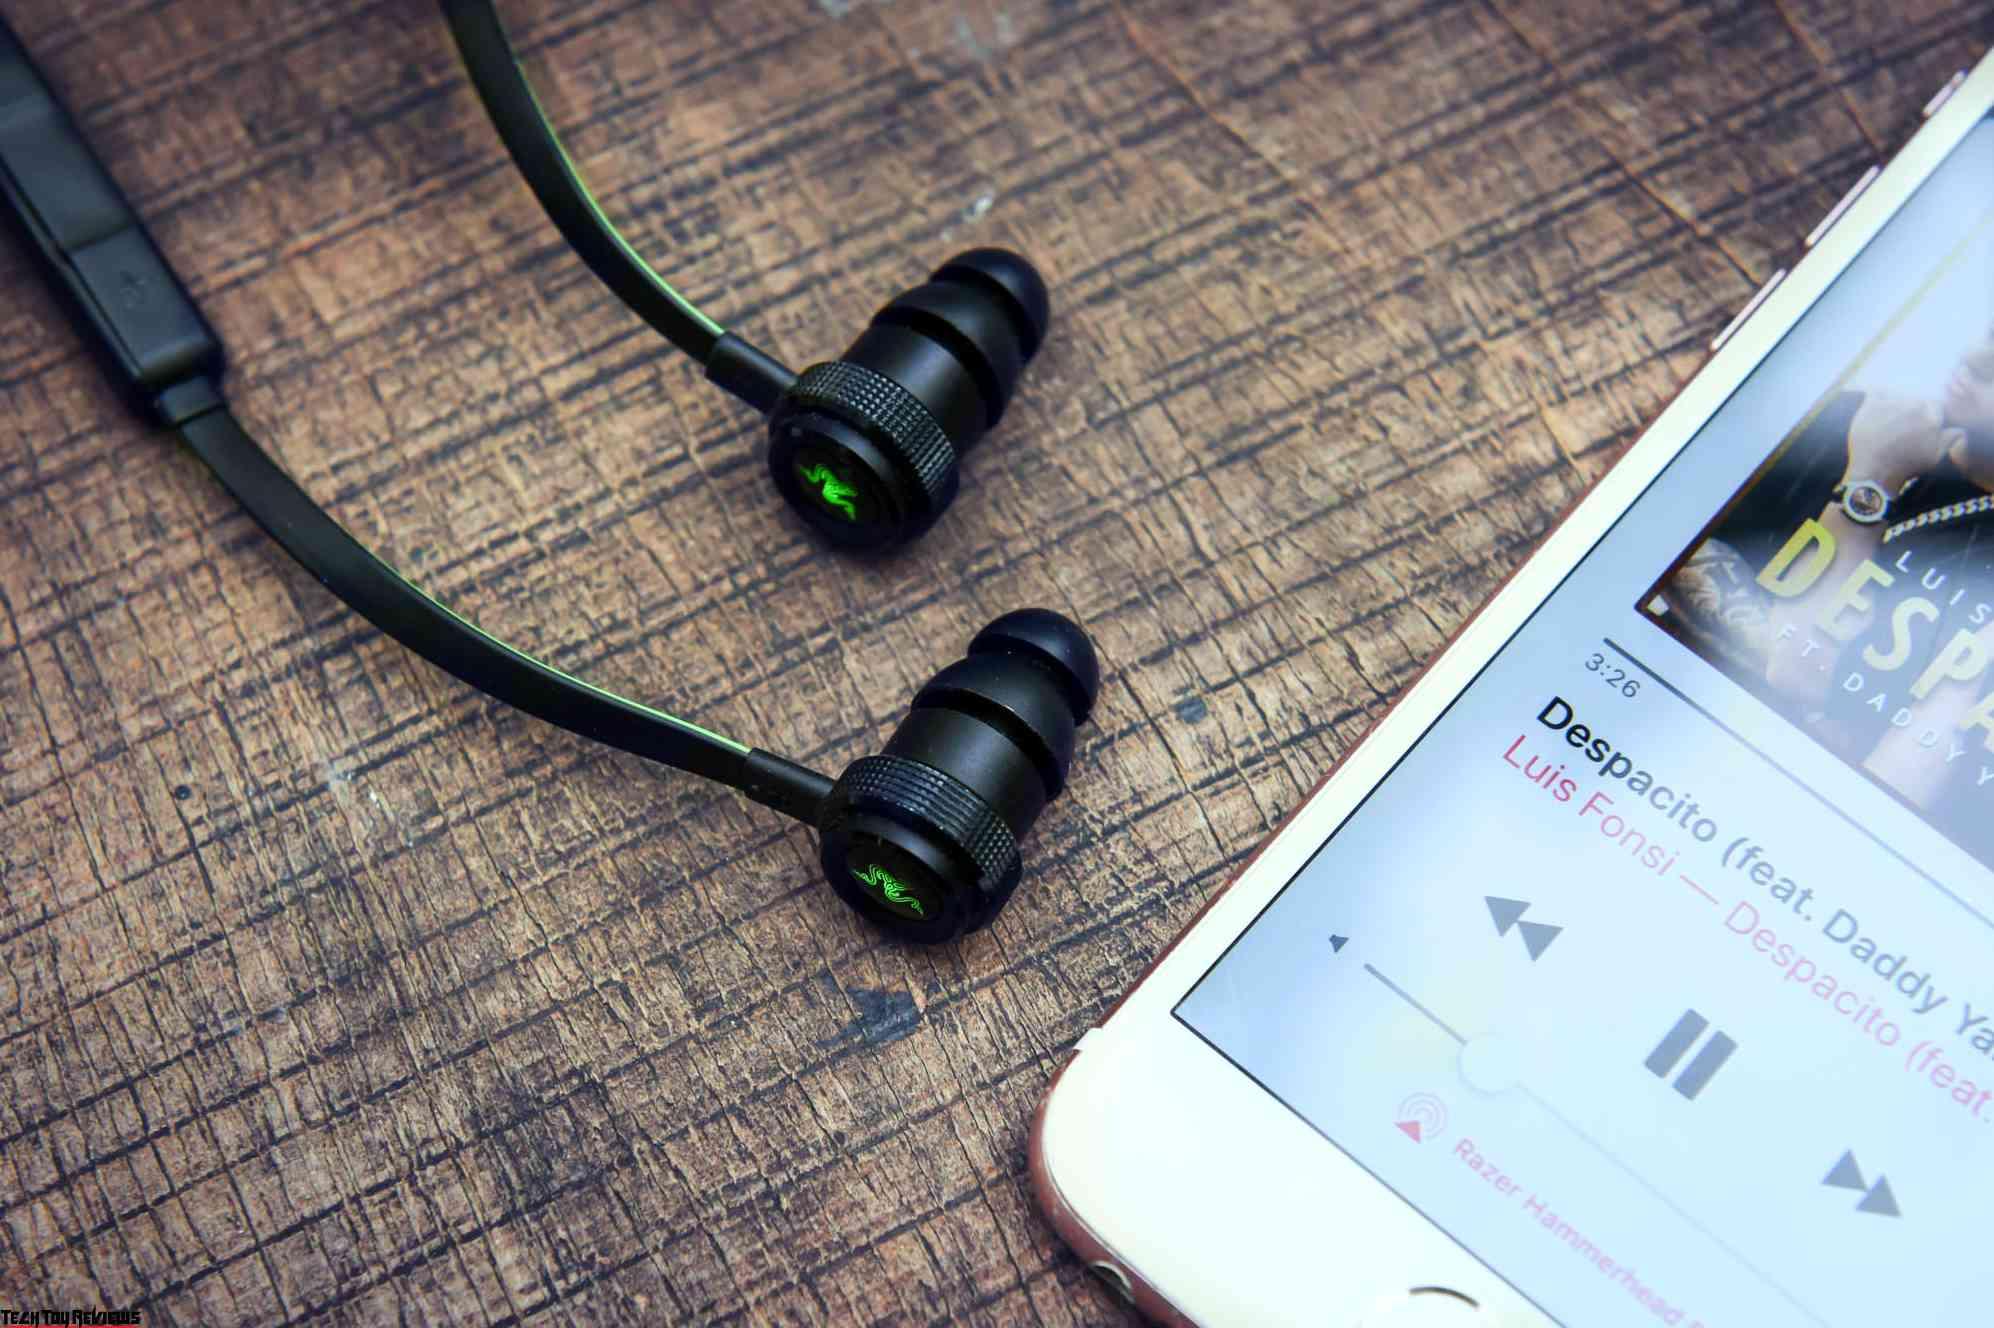 Razer Hammerhead BT Bluetooth Pairing